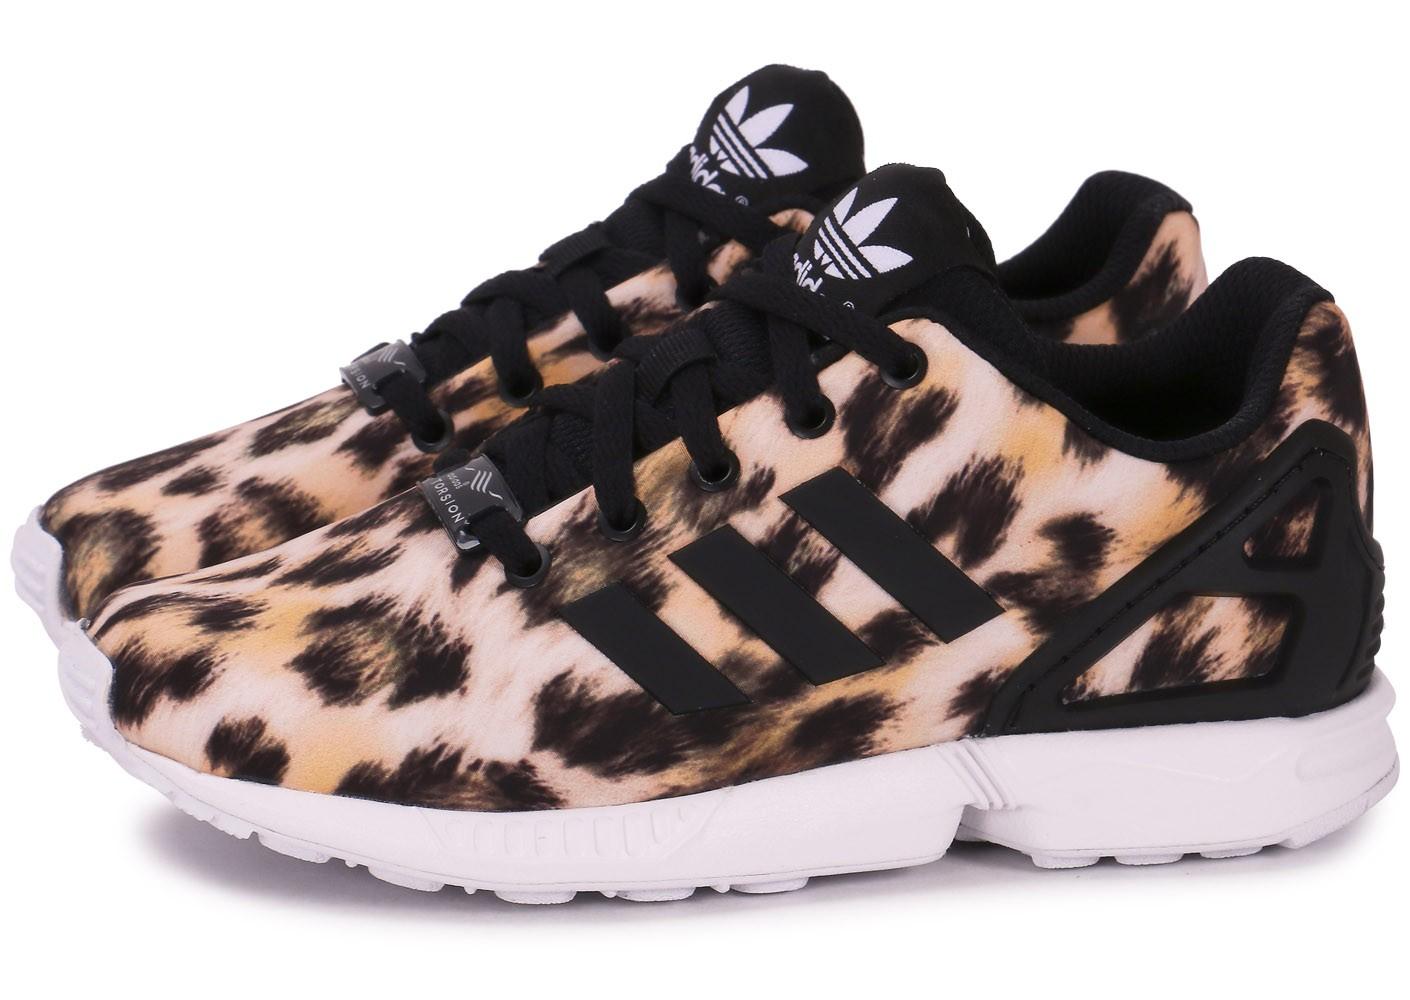 adidas zx flux femme leopard noir